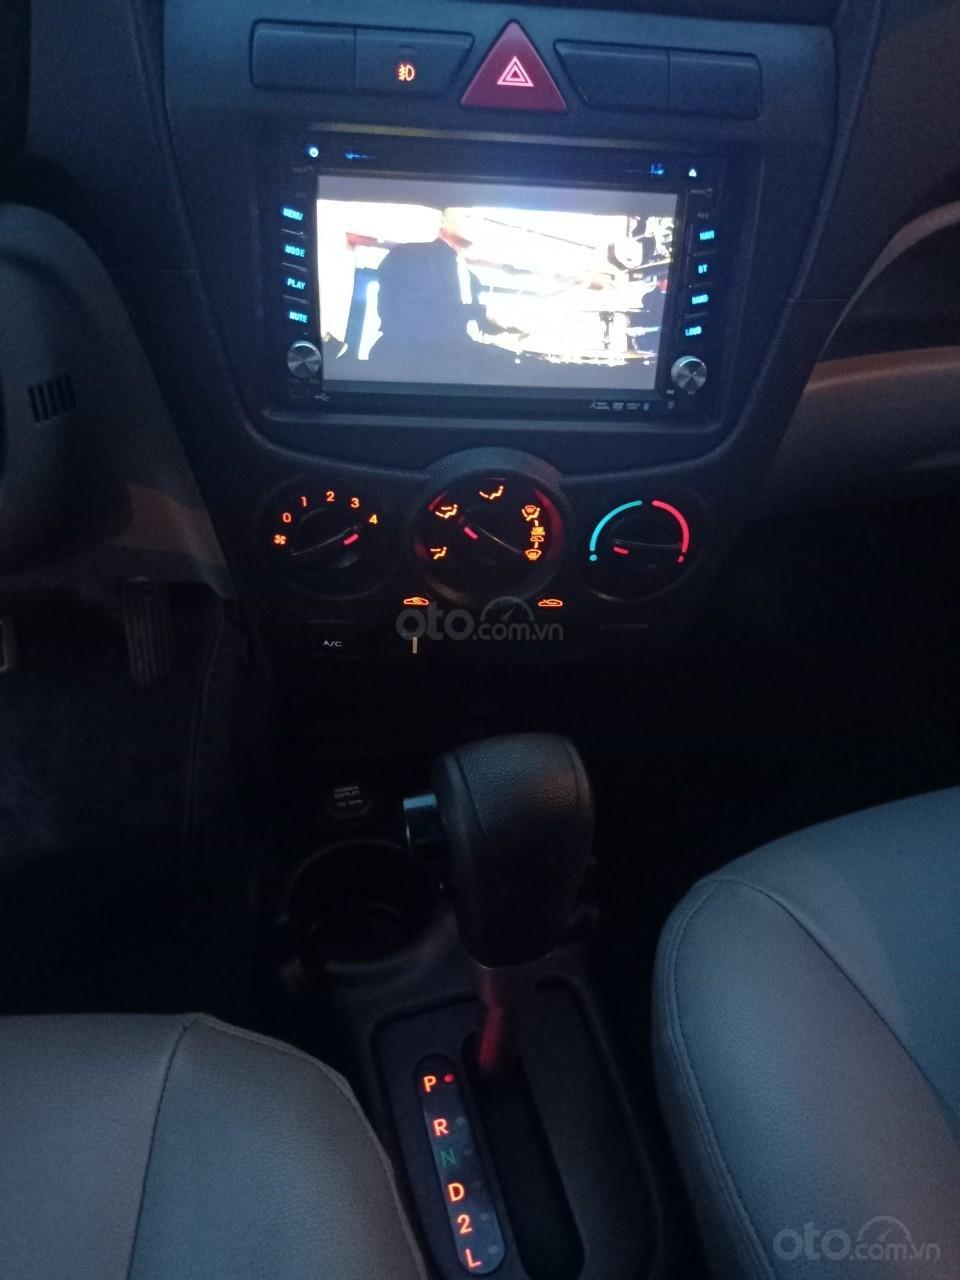 Cần bán lại xe Kia Picanto năm sản xuất 2007, màu xám, xe nhập còn mới, giá chỉ 170 triệu (5)